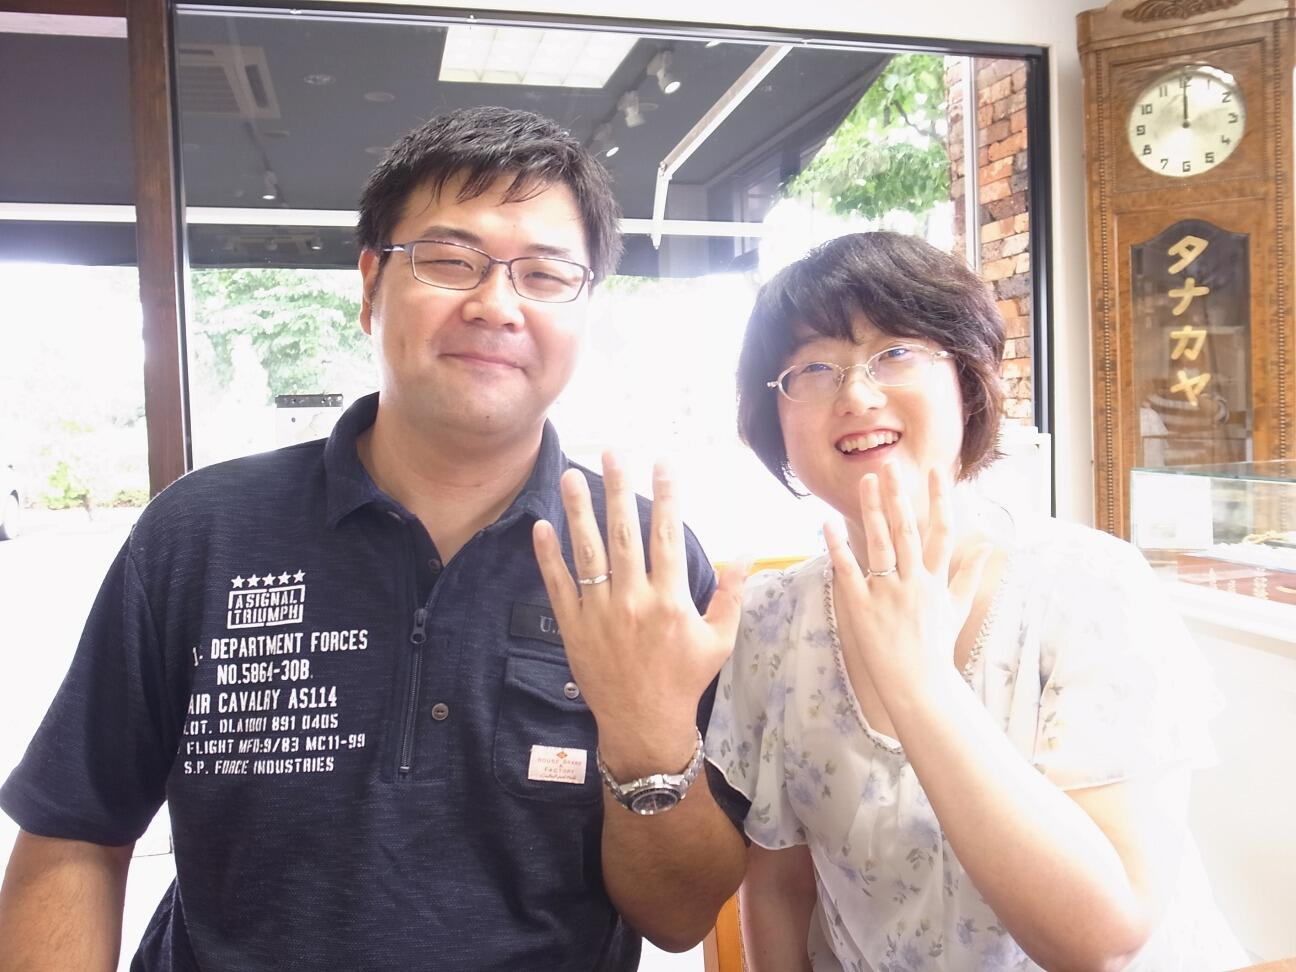 グリーンガーネットの結婚指輪